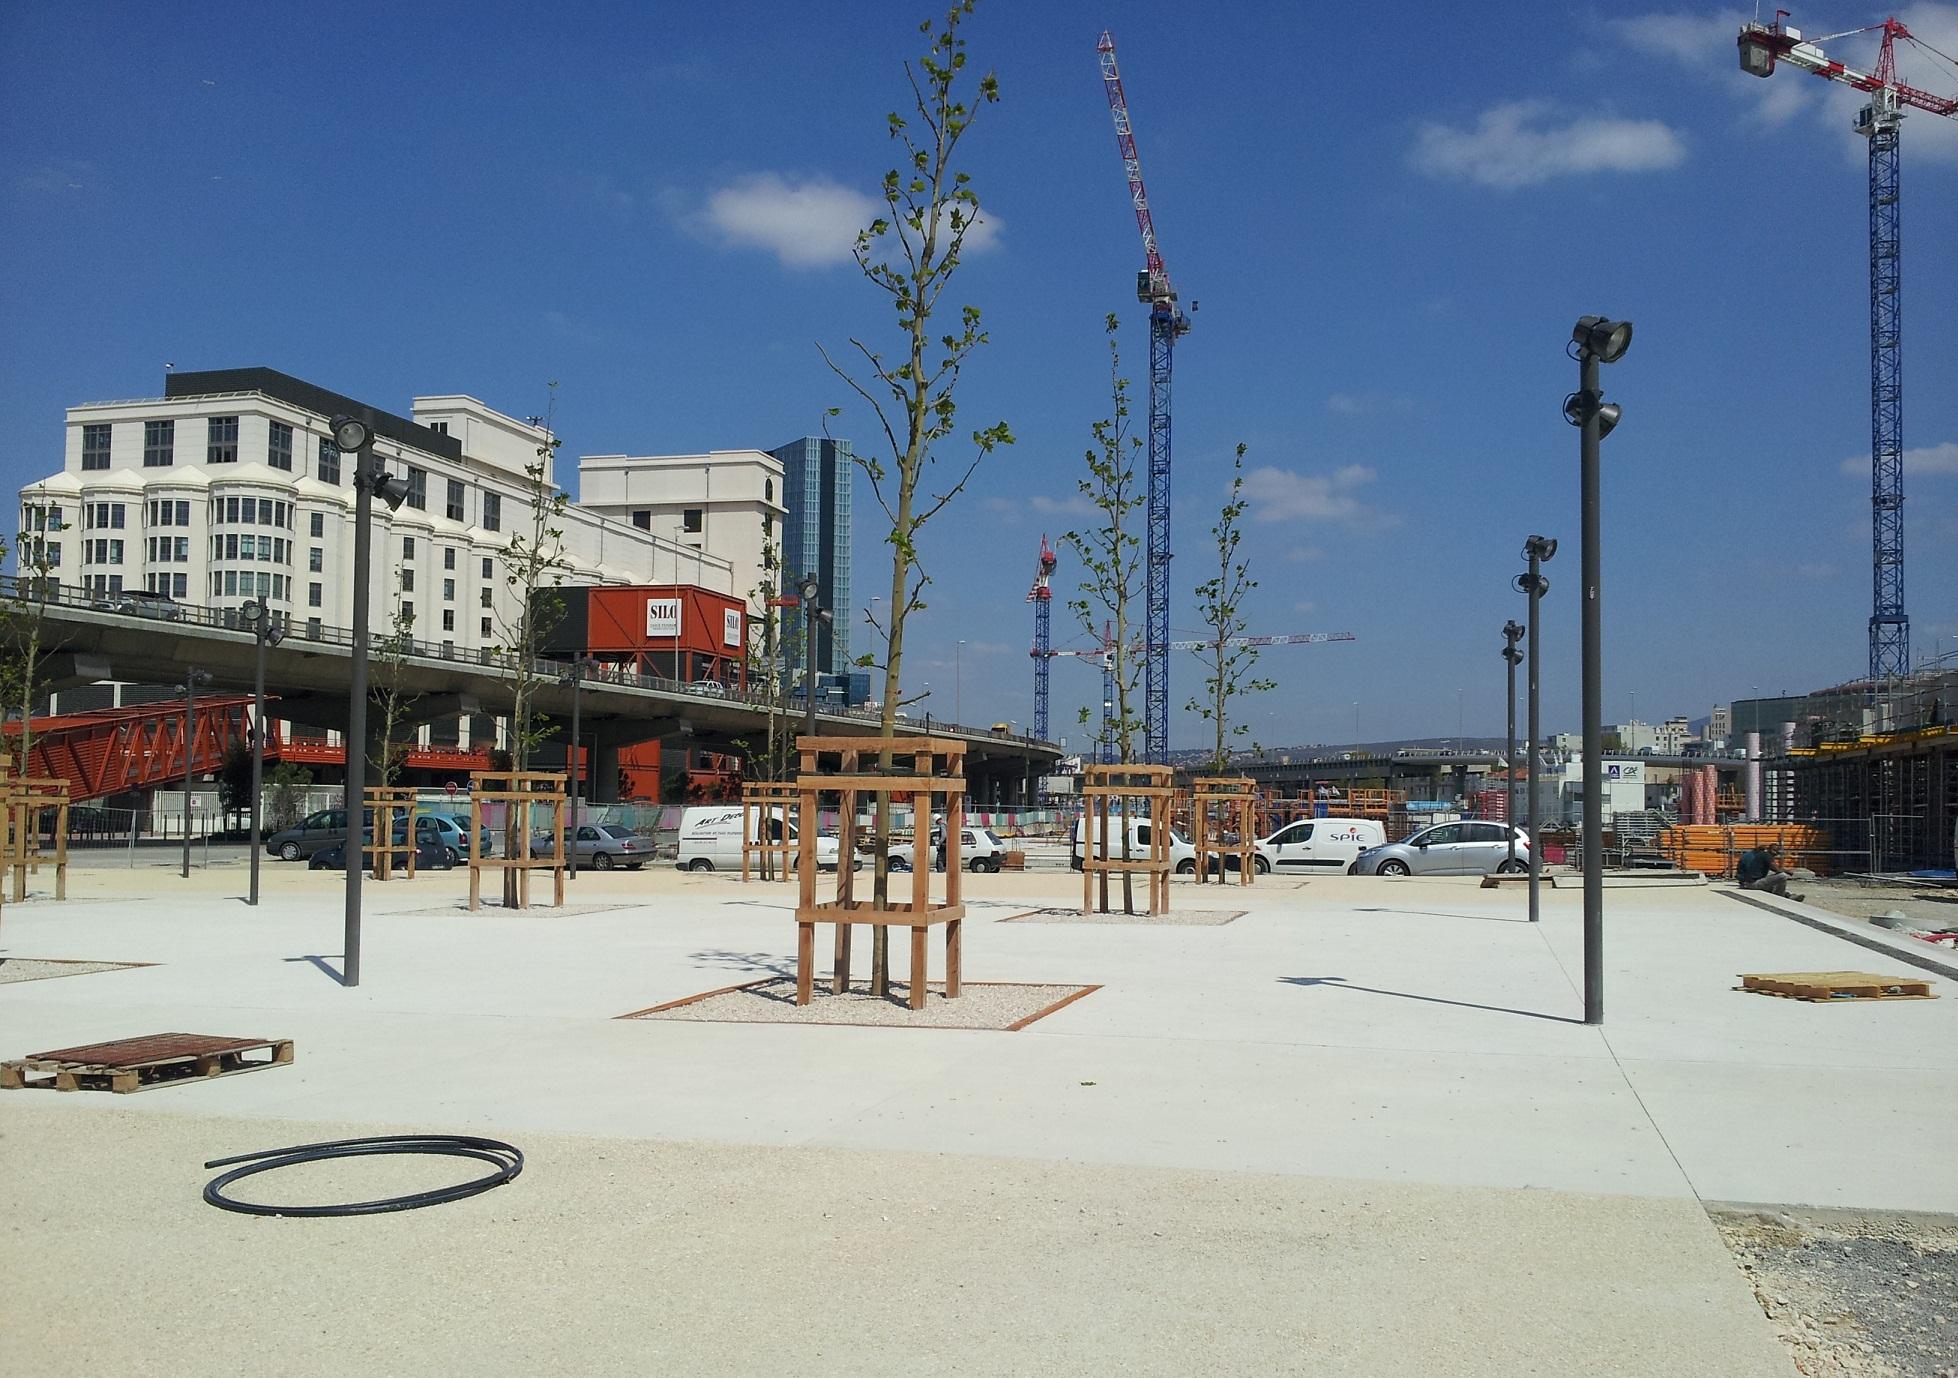 Rencontres places publiques marseille